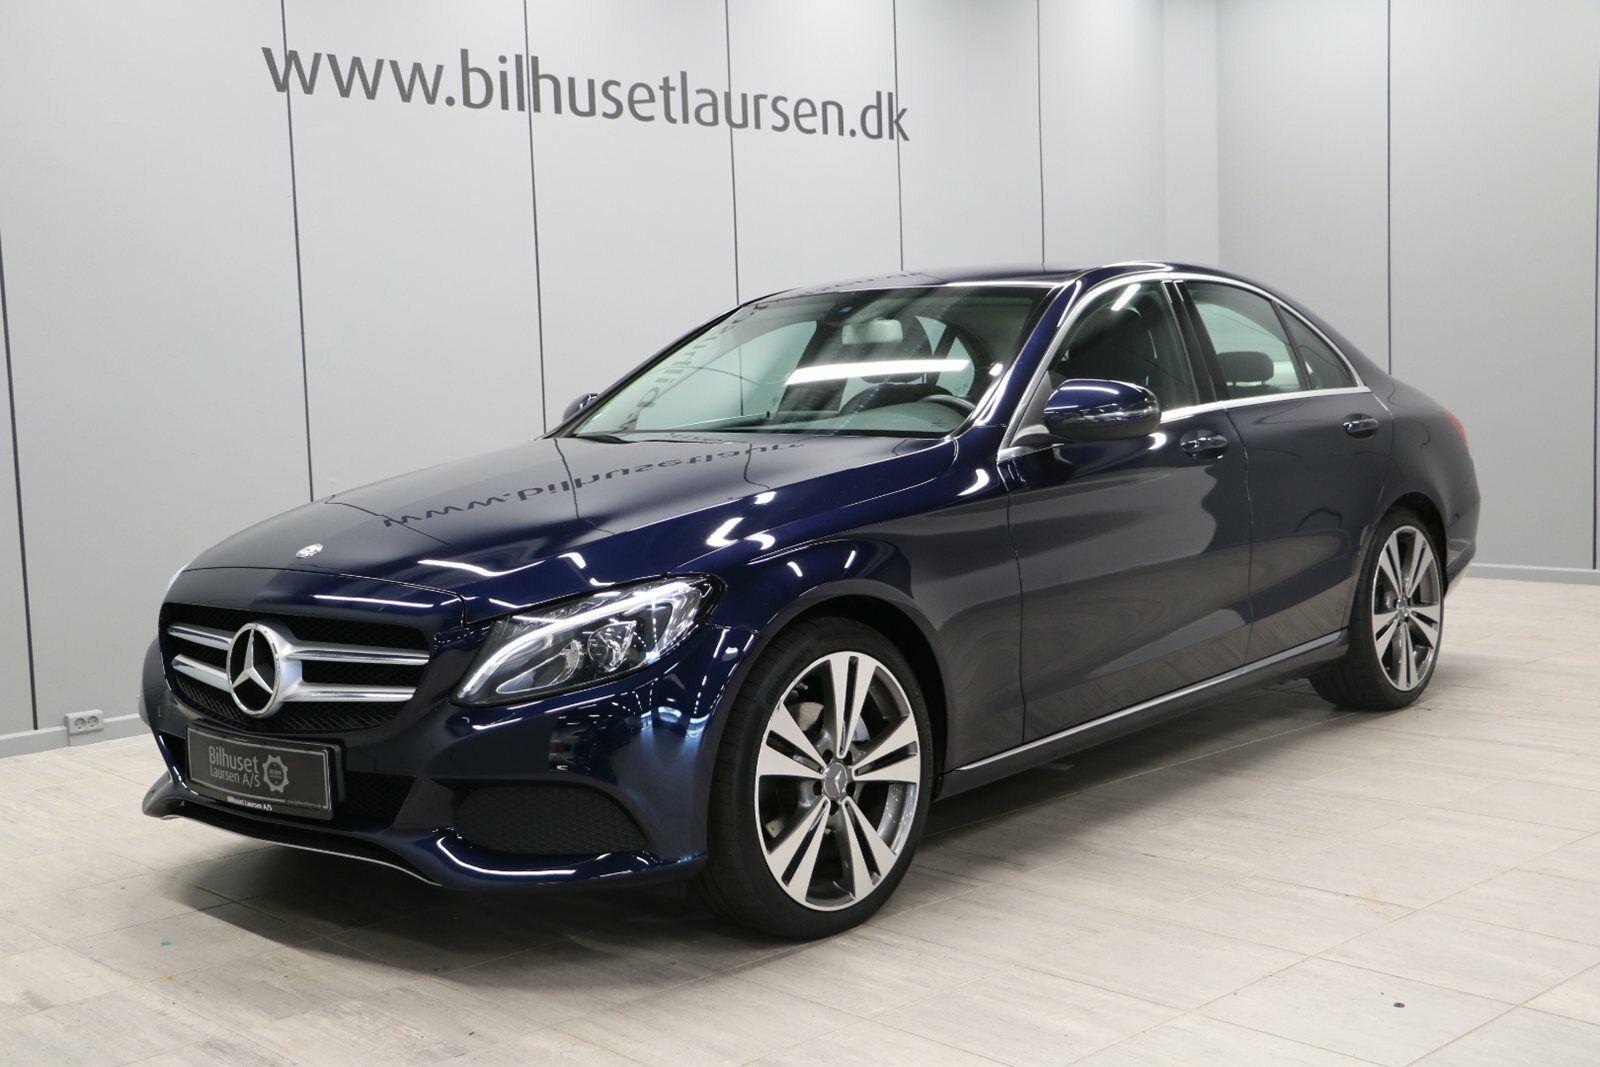 Mercedes C200 2,0 Avantgarde aut. 4d - 359.900 kr.